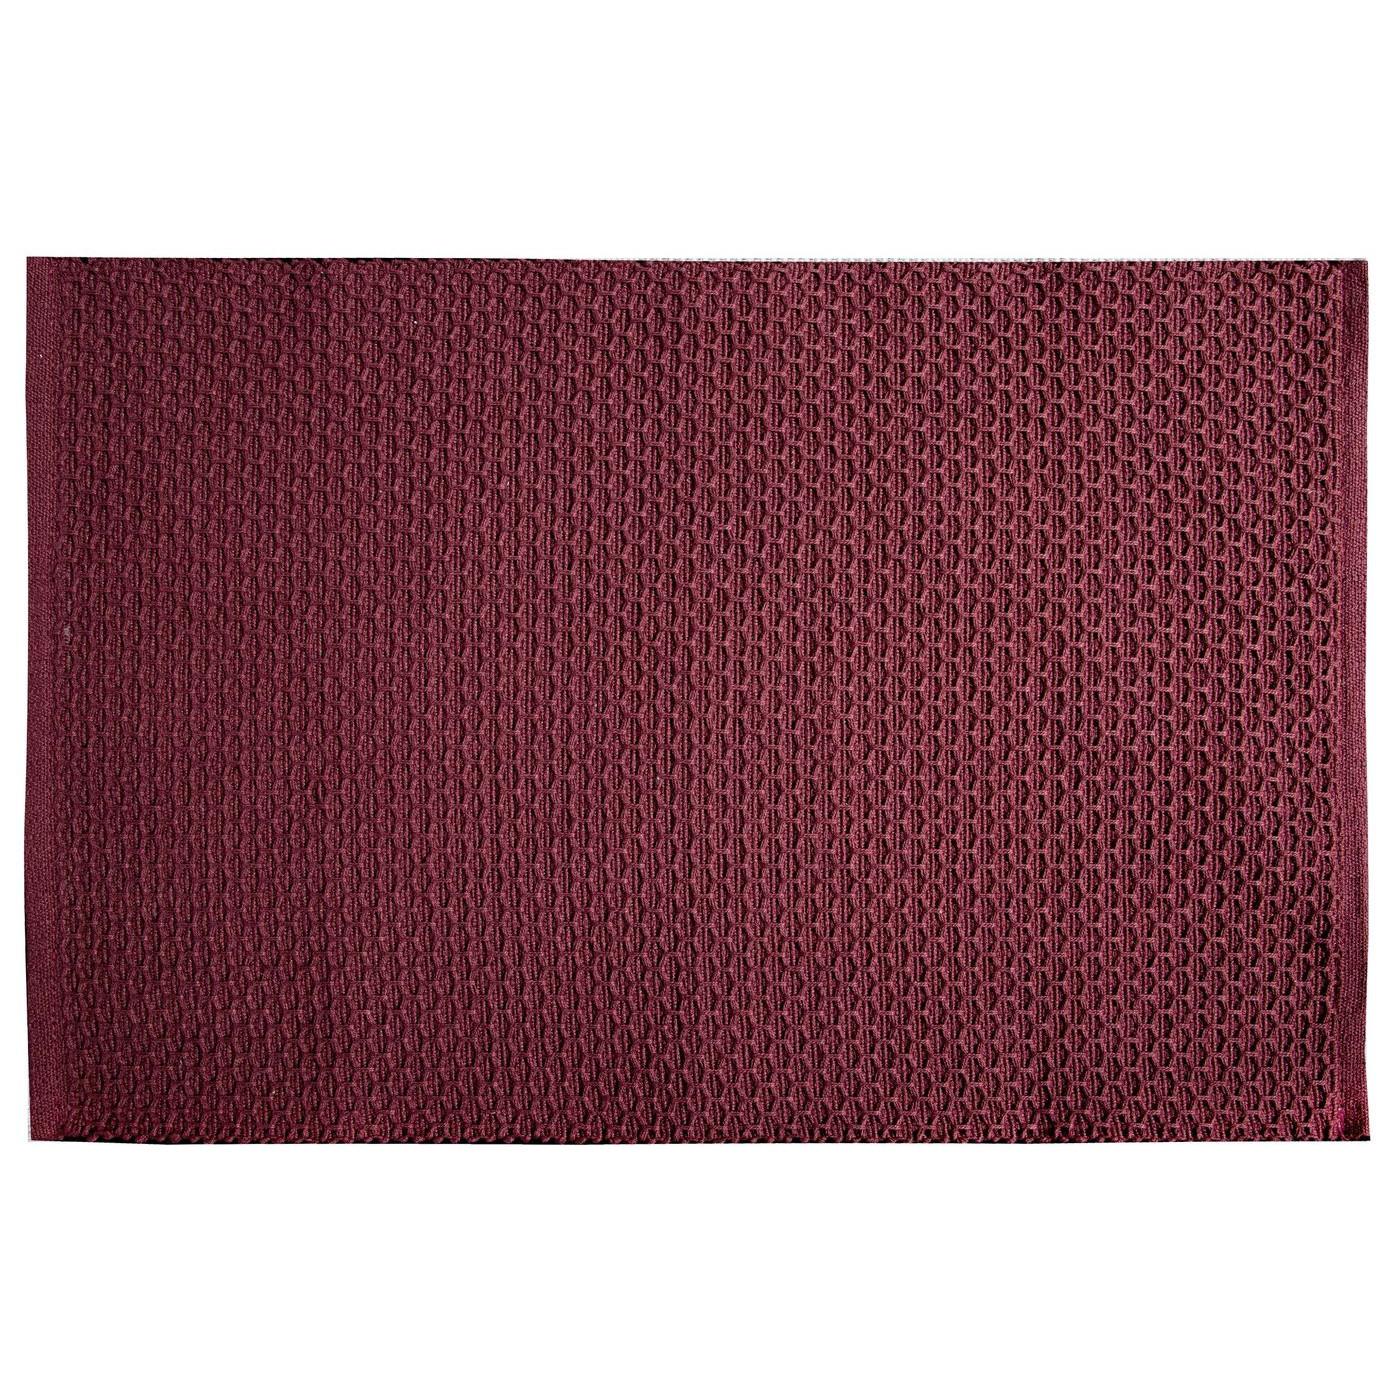 Jednokolorowa podkładka stołowa plaster miodu bordowa 33x48 cm